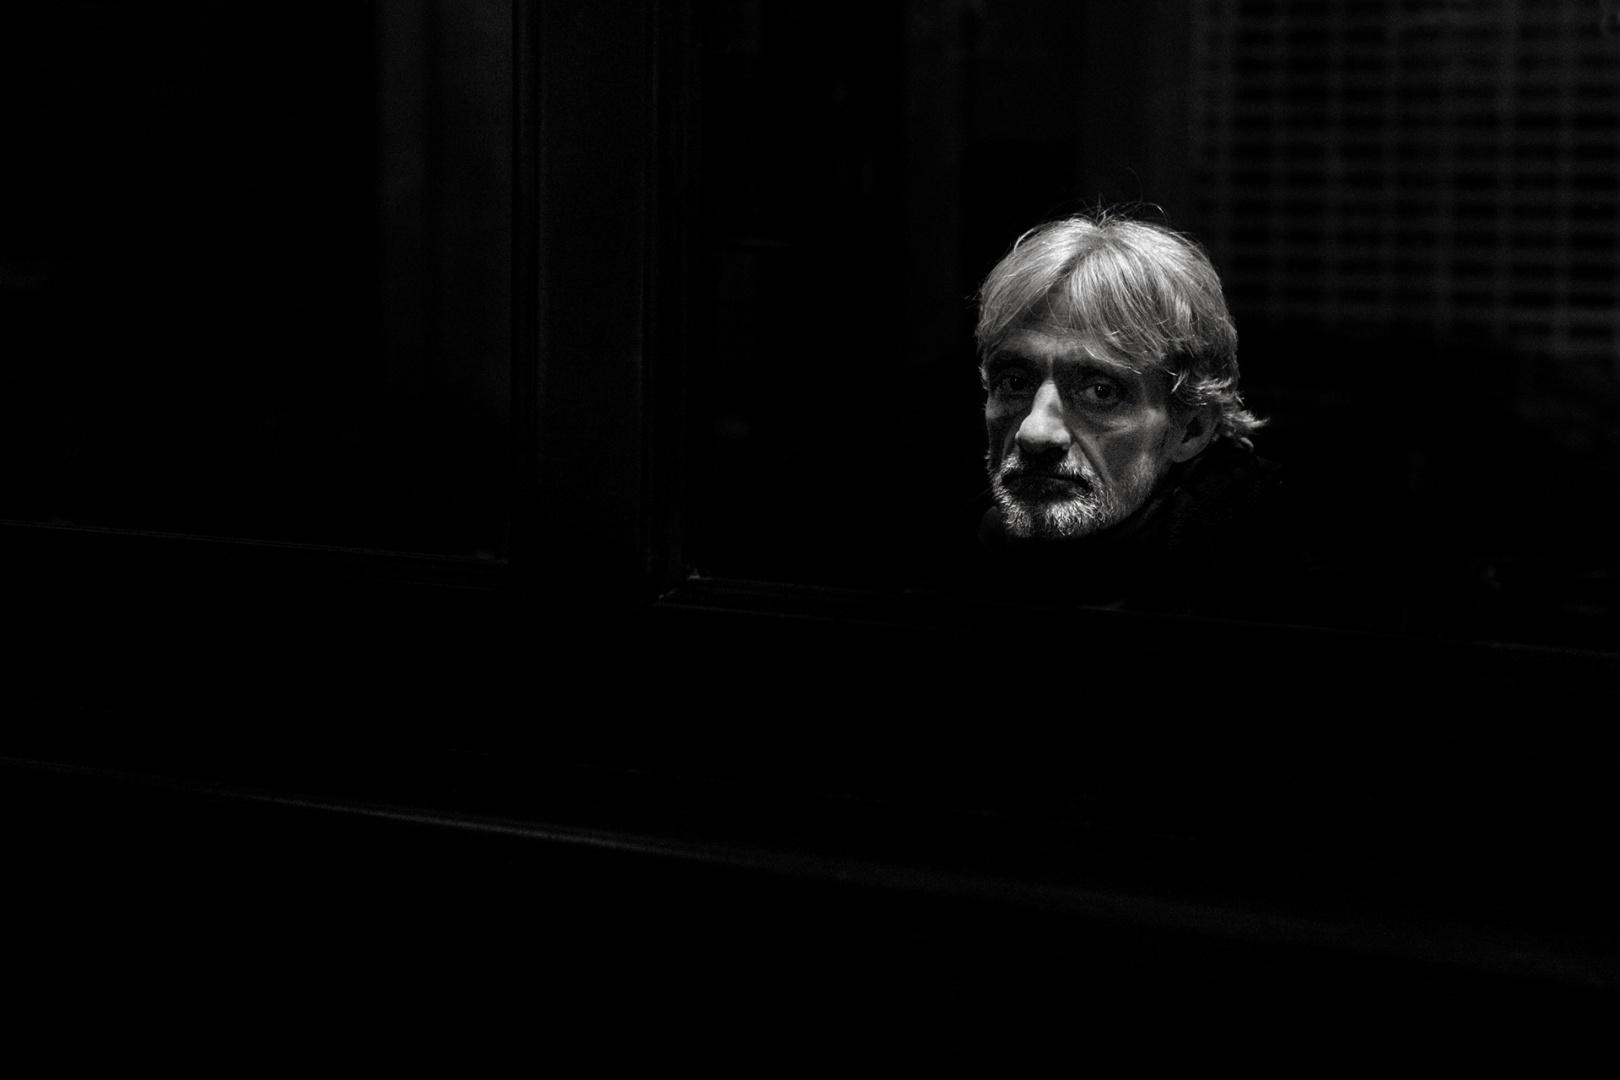 © Maria do Carmo - tristeza, solidão e fome (ler)